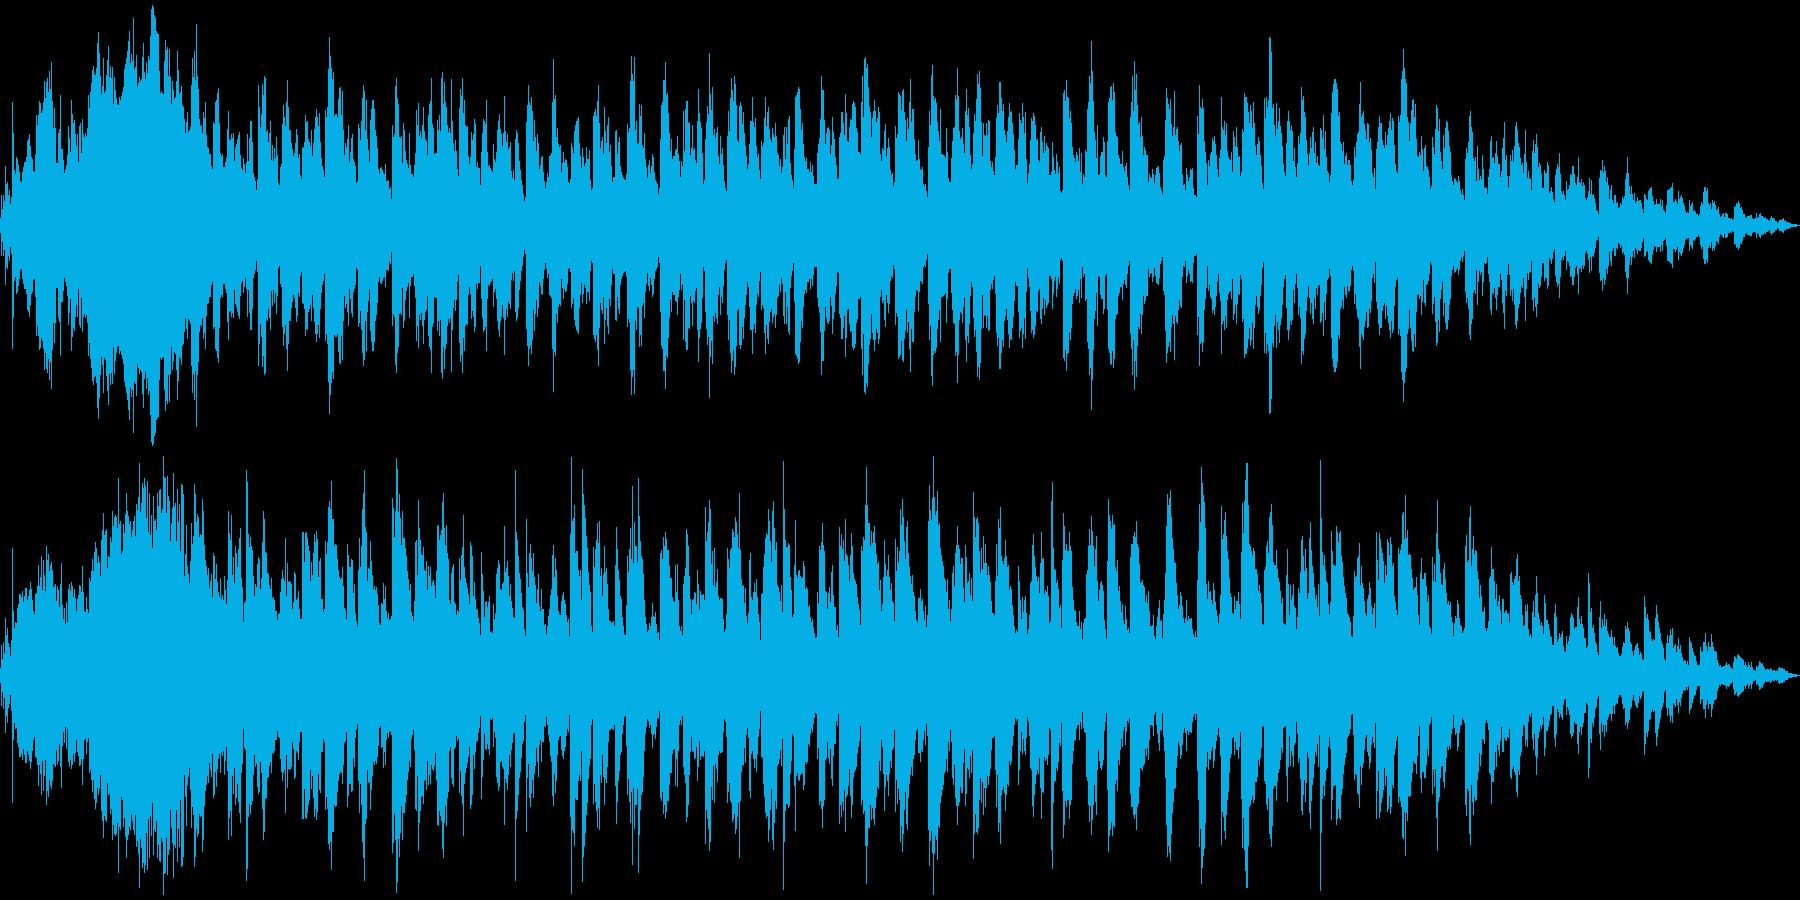 敗北・ゲームオーバー時の少し悲しいBGMの再生済みの波形